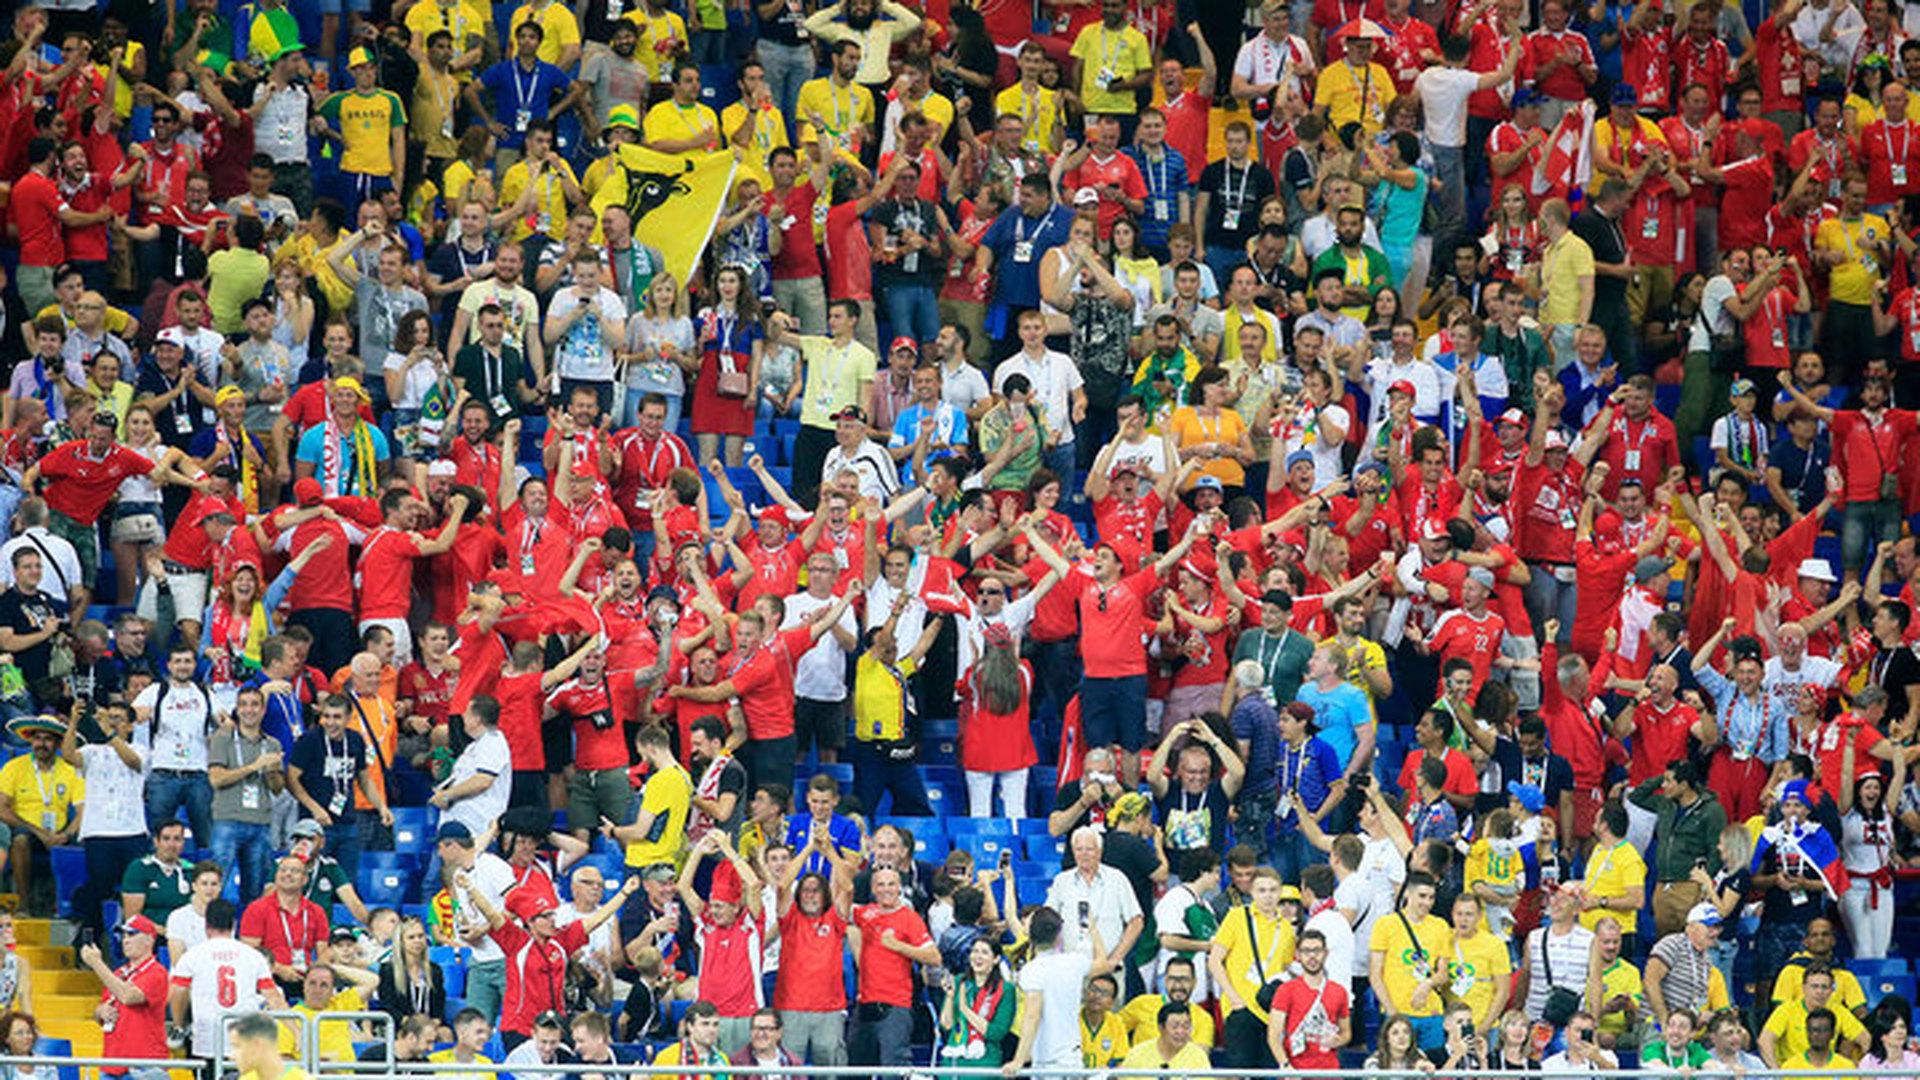 Более миллиона человек посетили матчи чемпионата мира